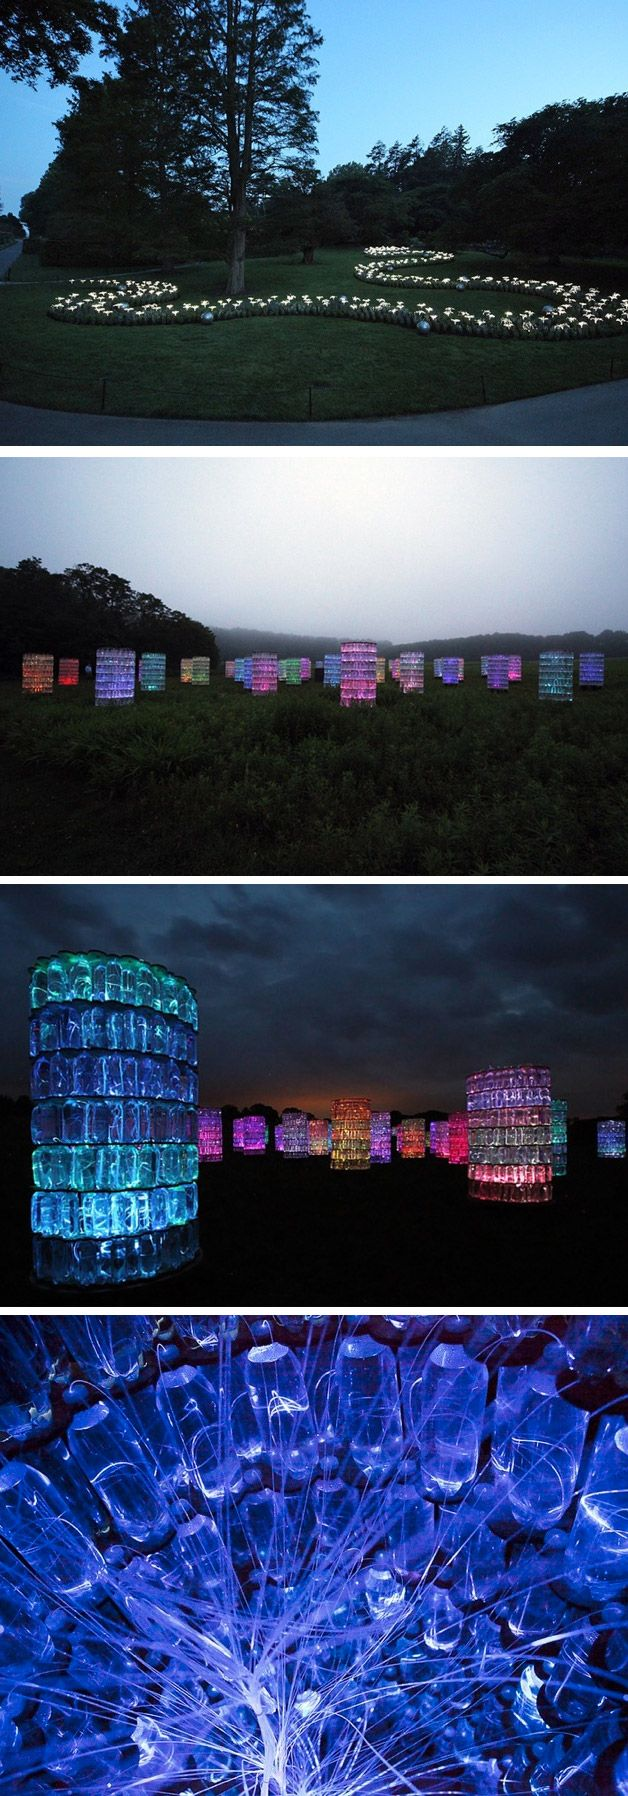 Instalação luminosa em Longwood Gardens, na Pensilvânia